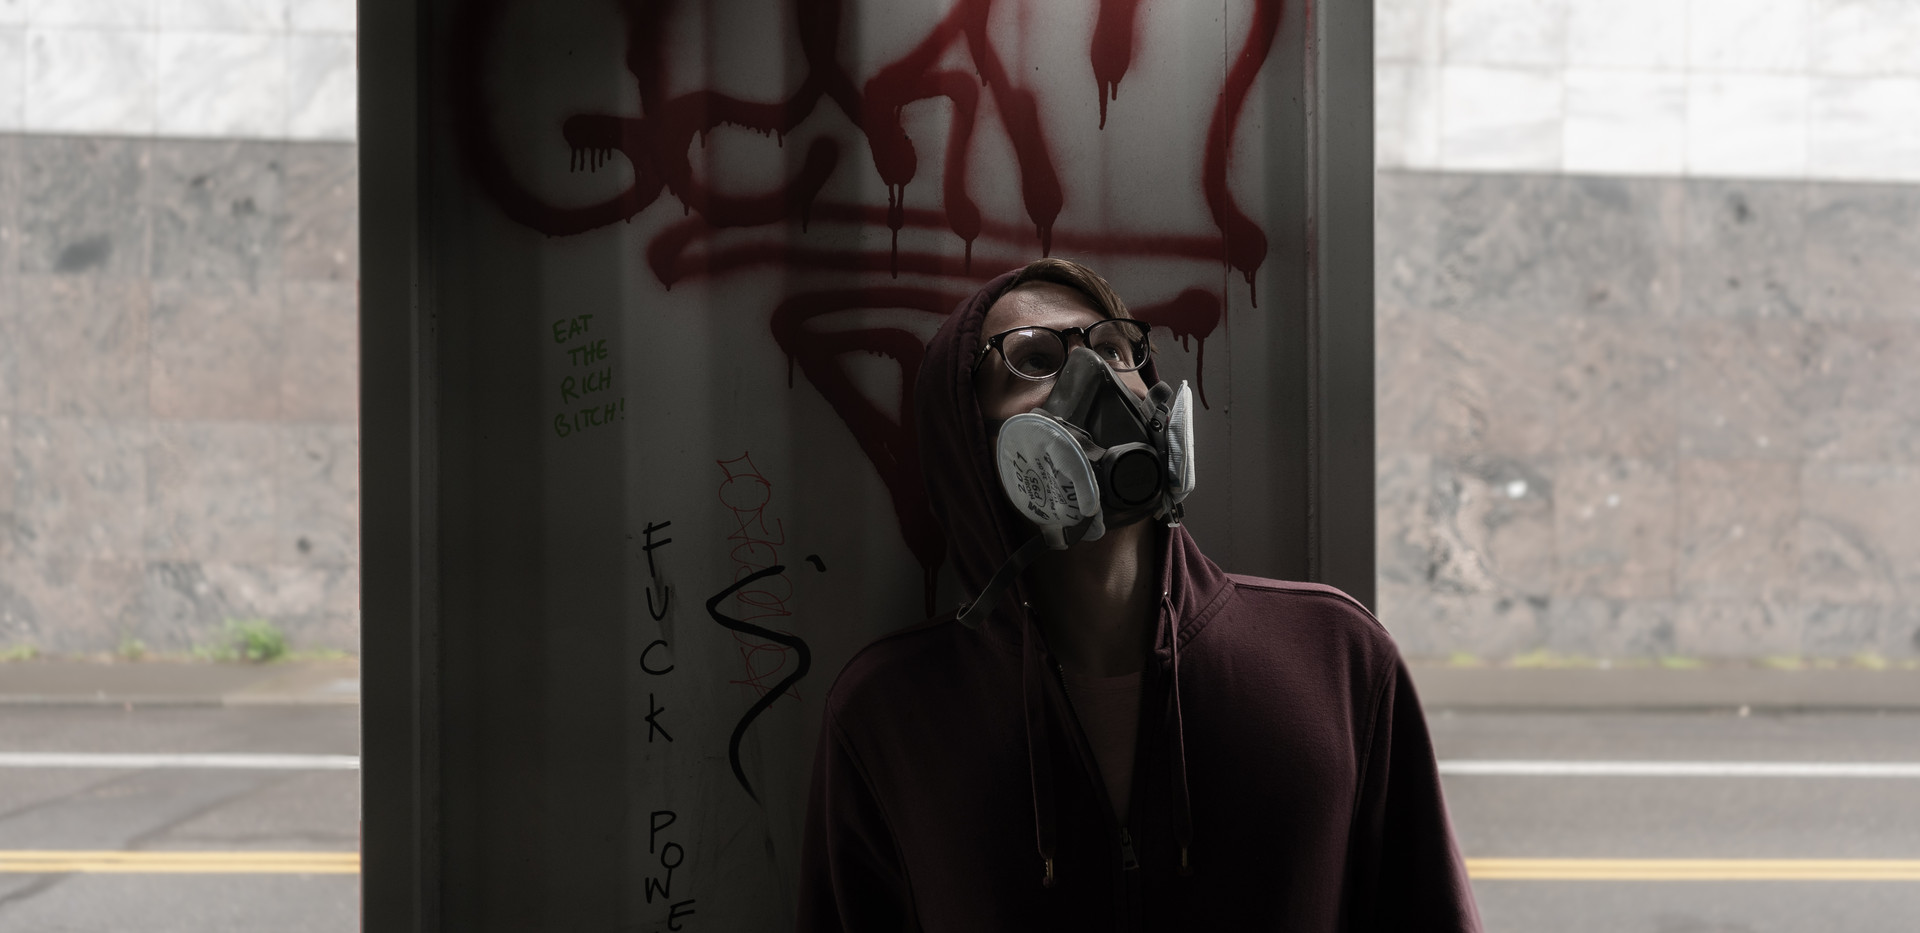 Germ.jpg